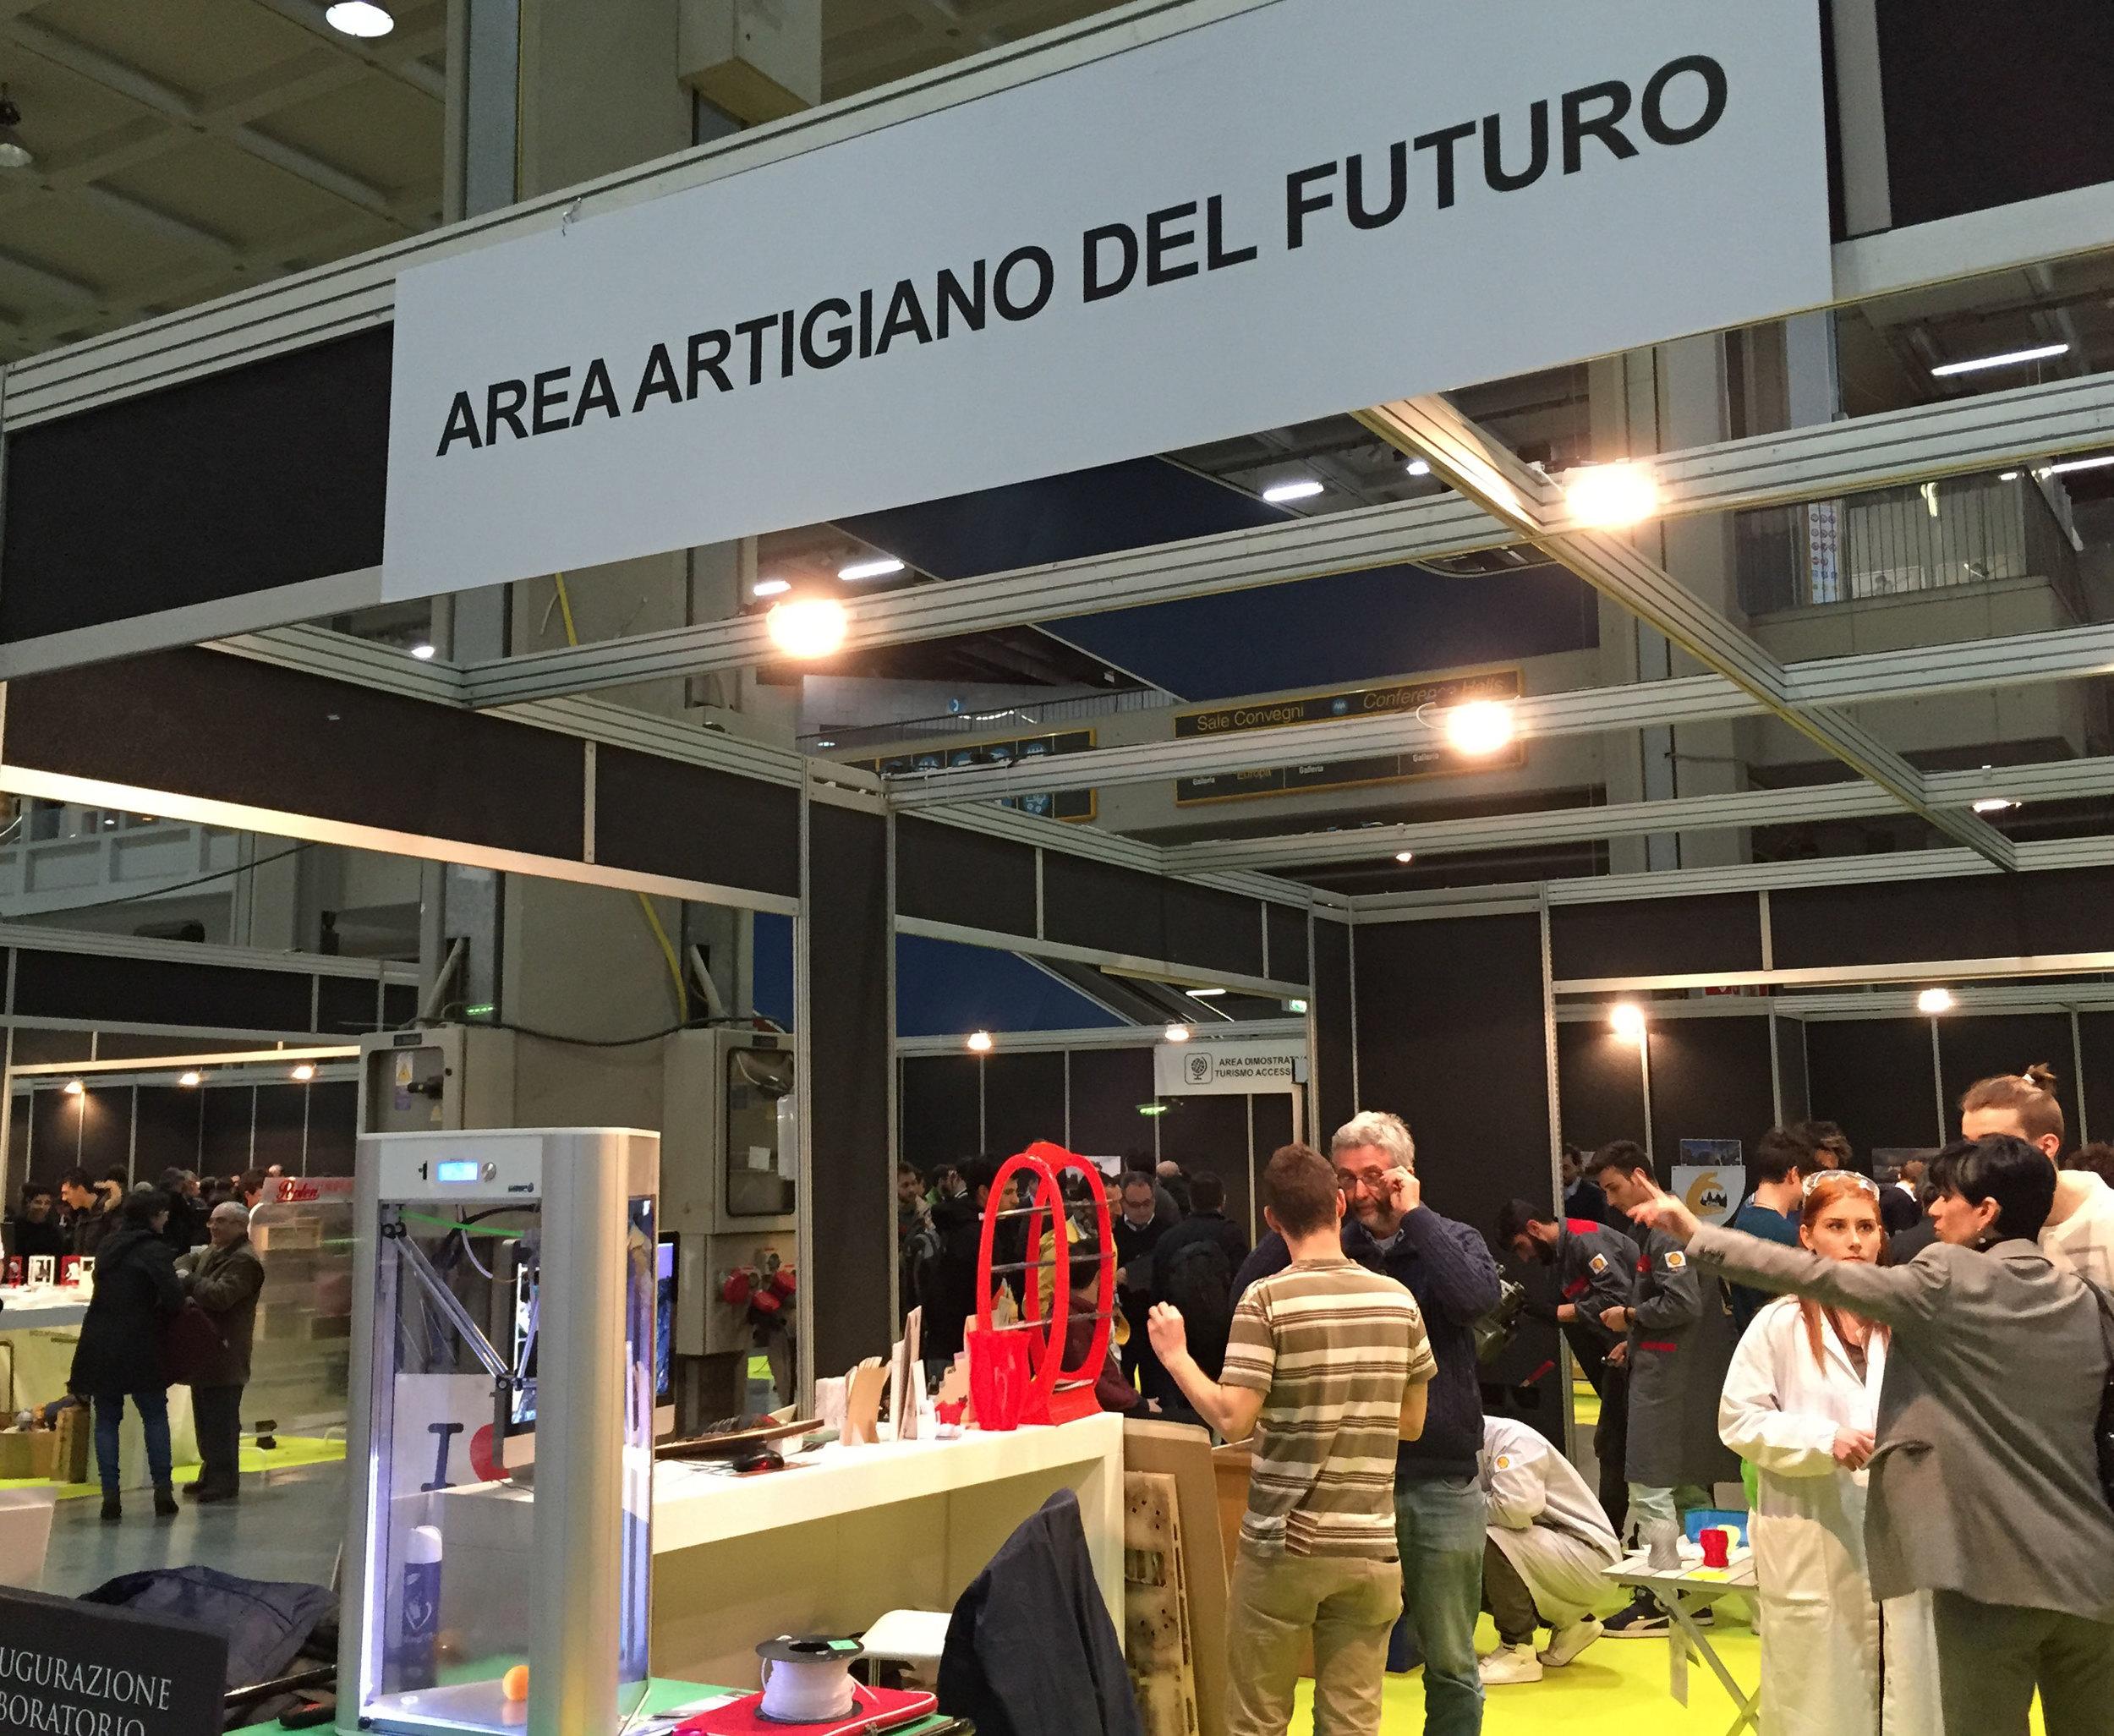 3DPrint Hub: where digital artisans meet